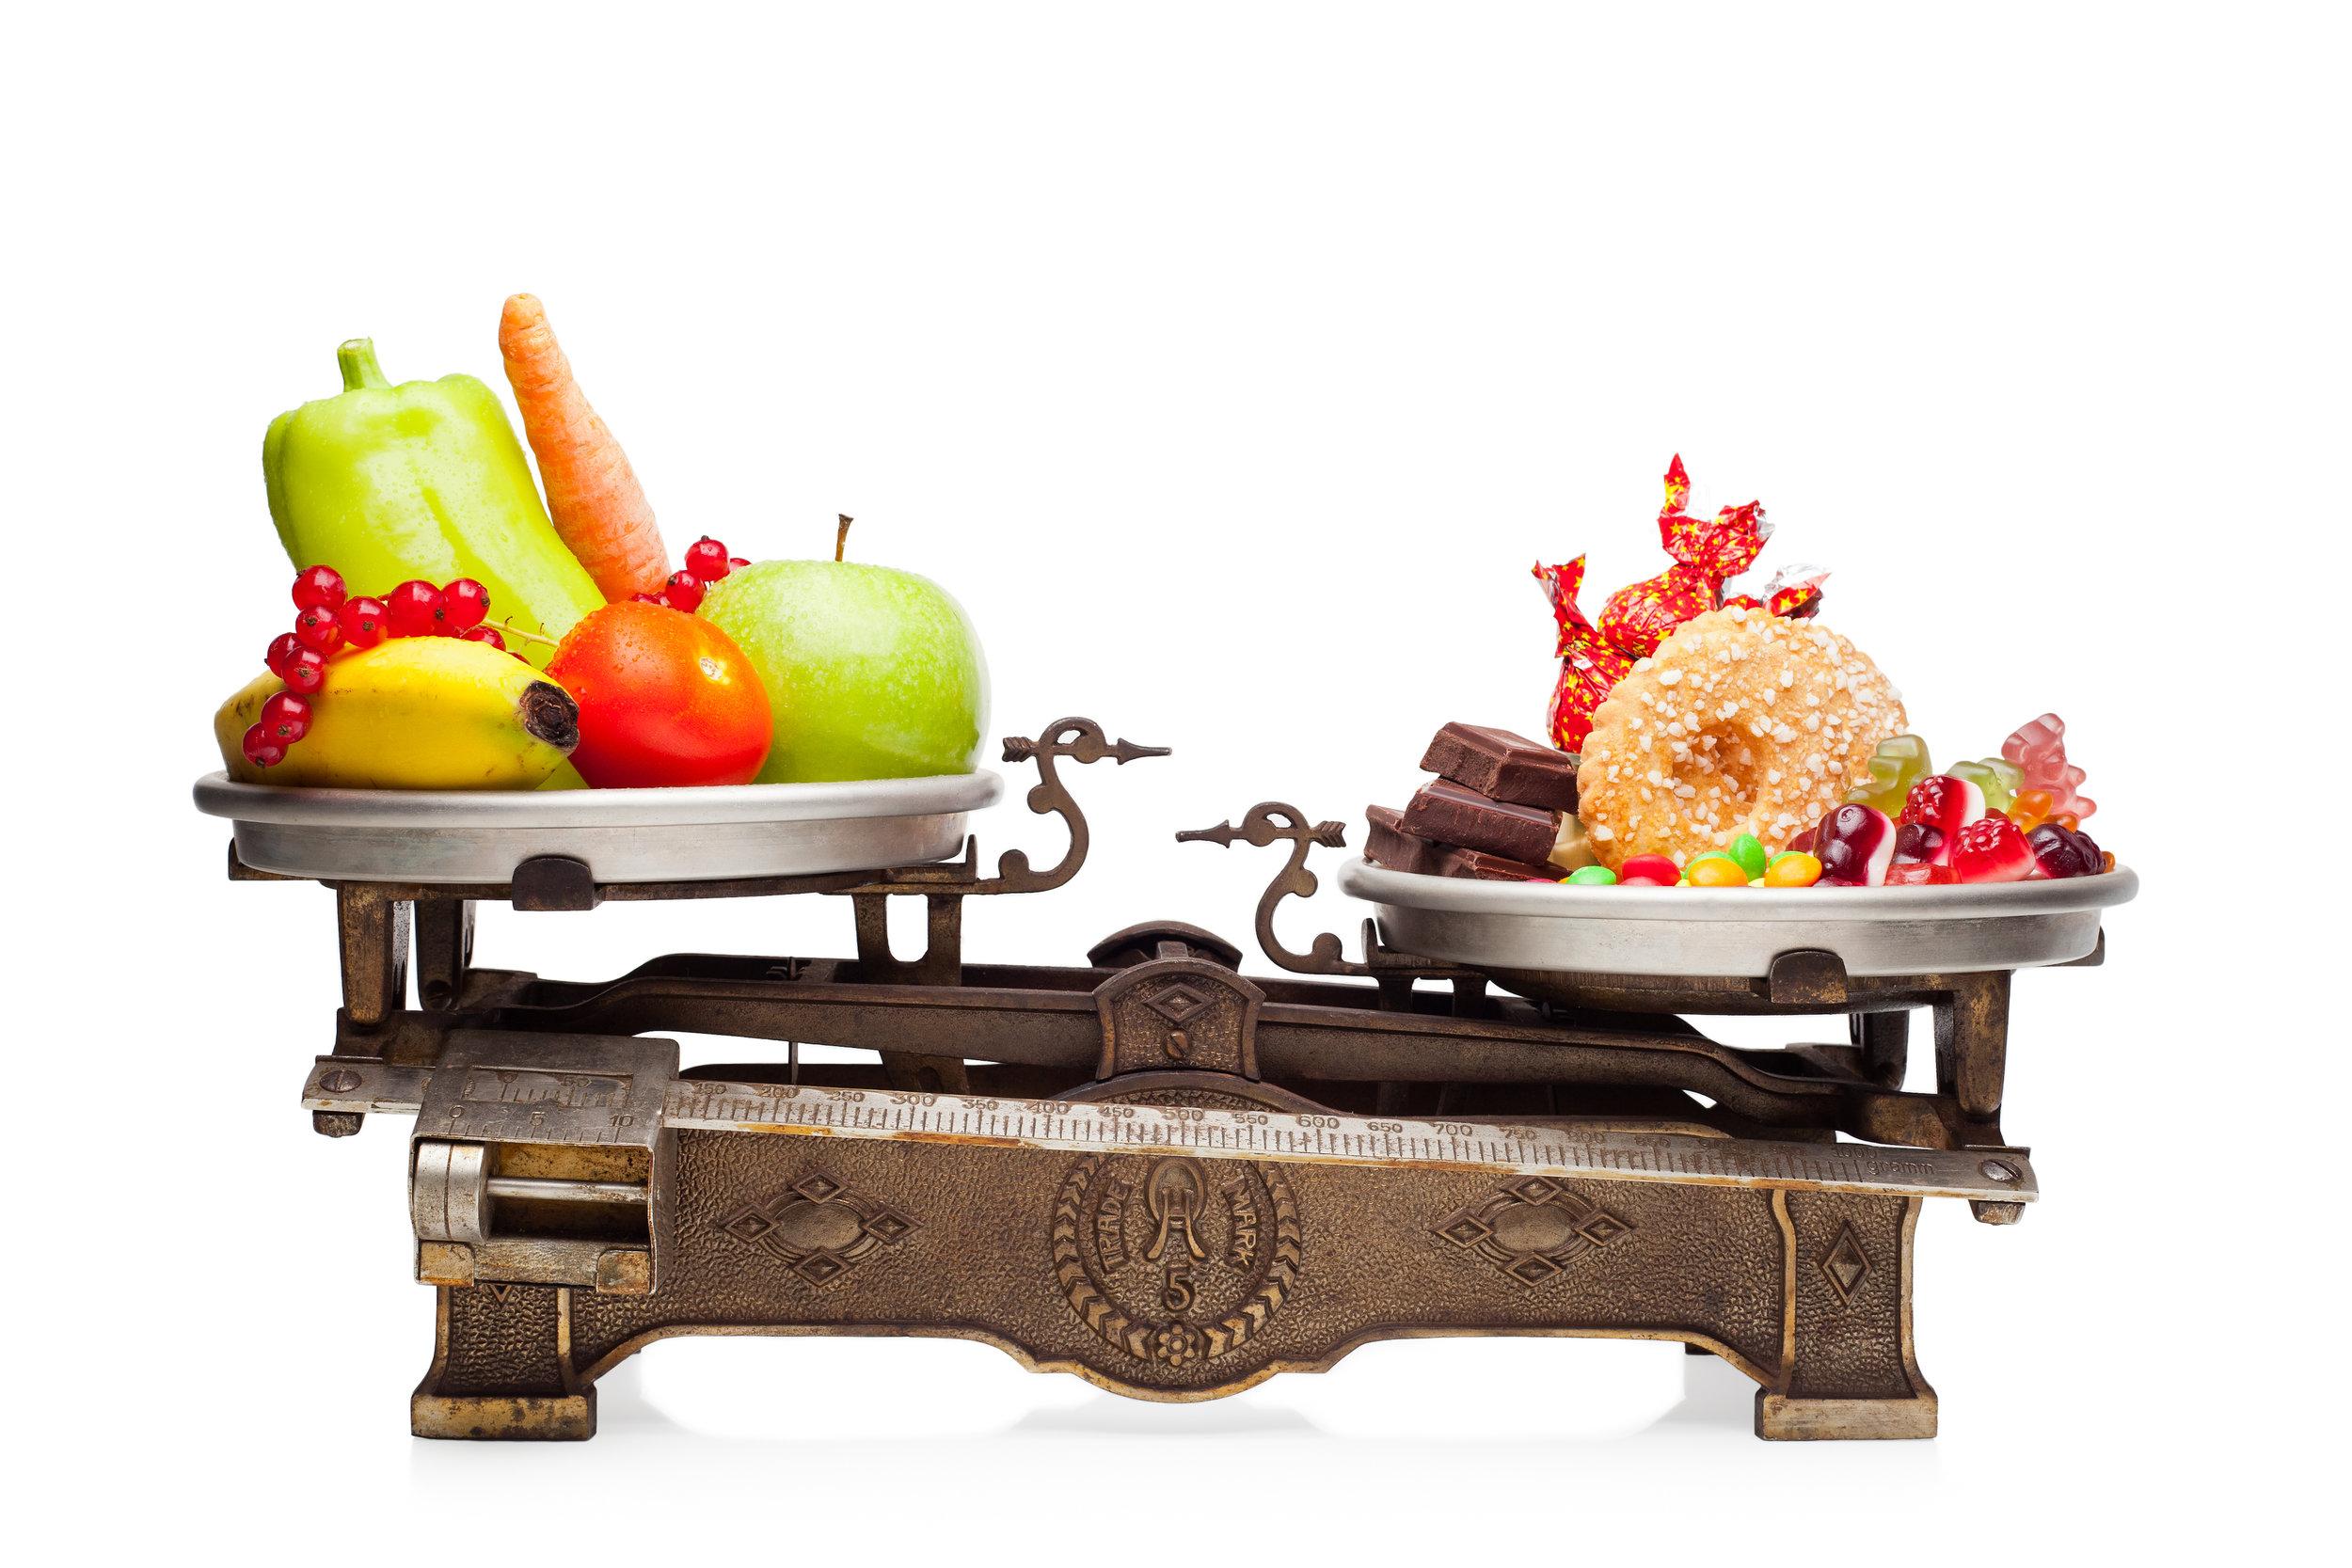 Balanced diet shutterstock_86102689.jpg